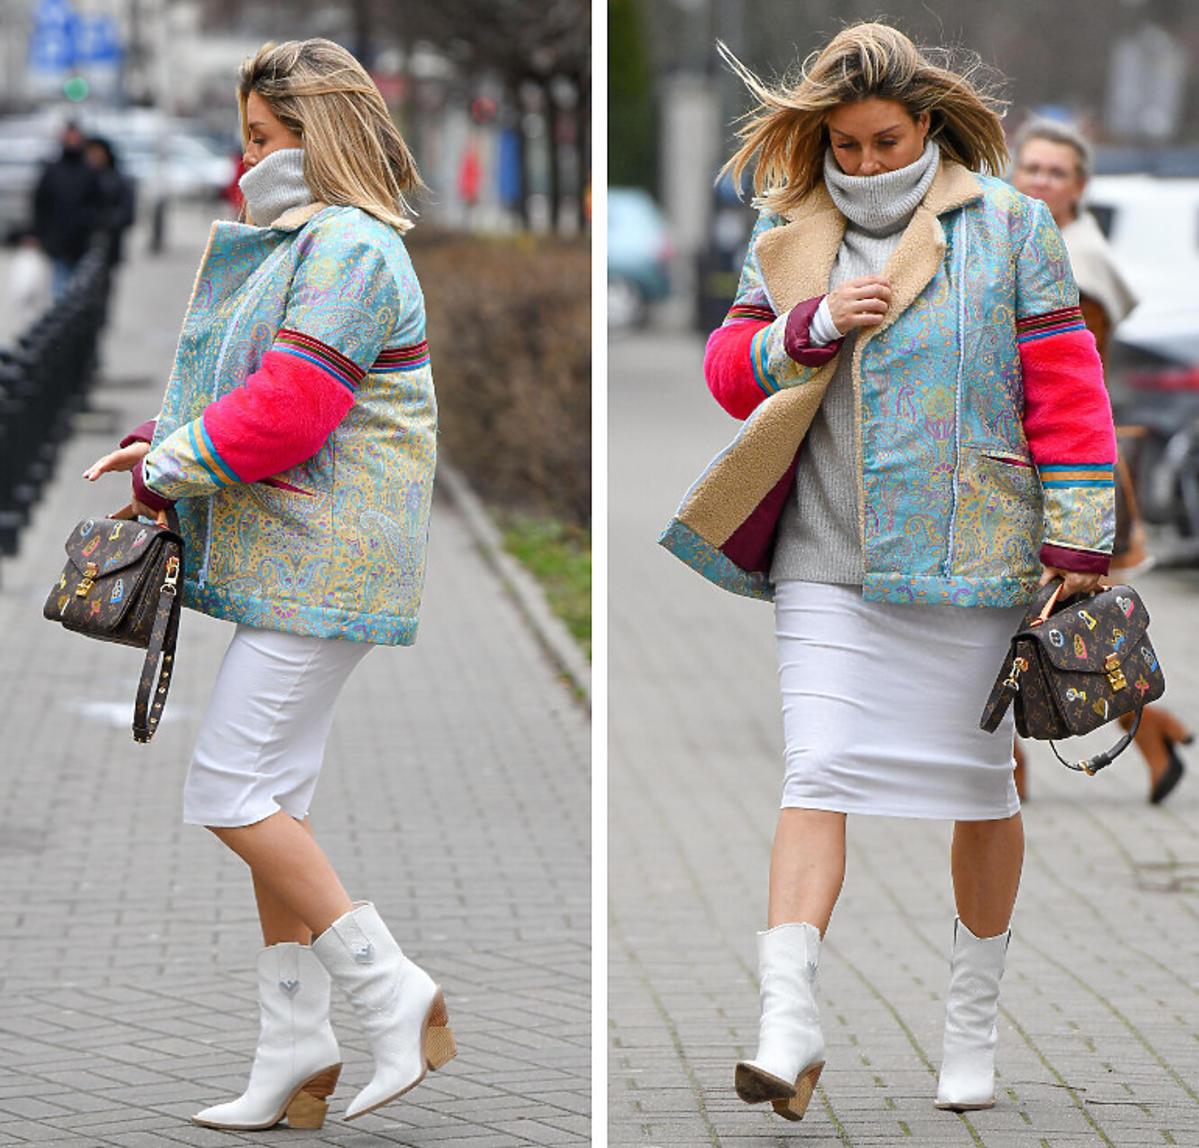 Małgorzata Rozenek w zaawansowanej ciąży chroni się przed zimnem